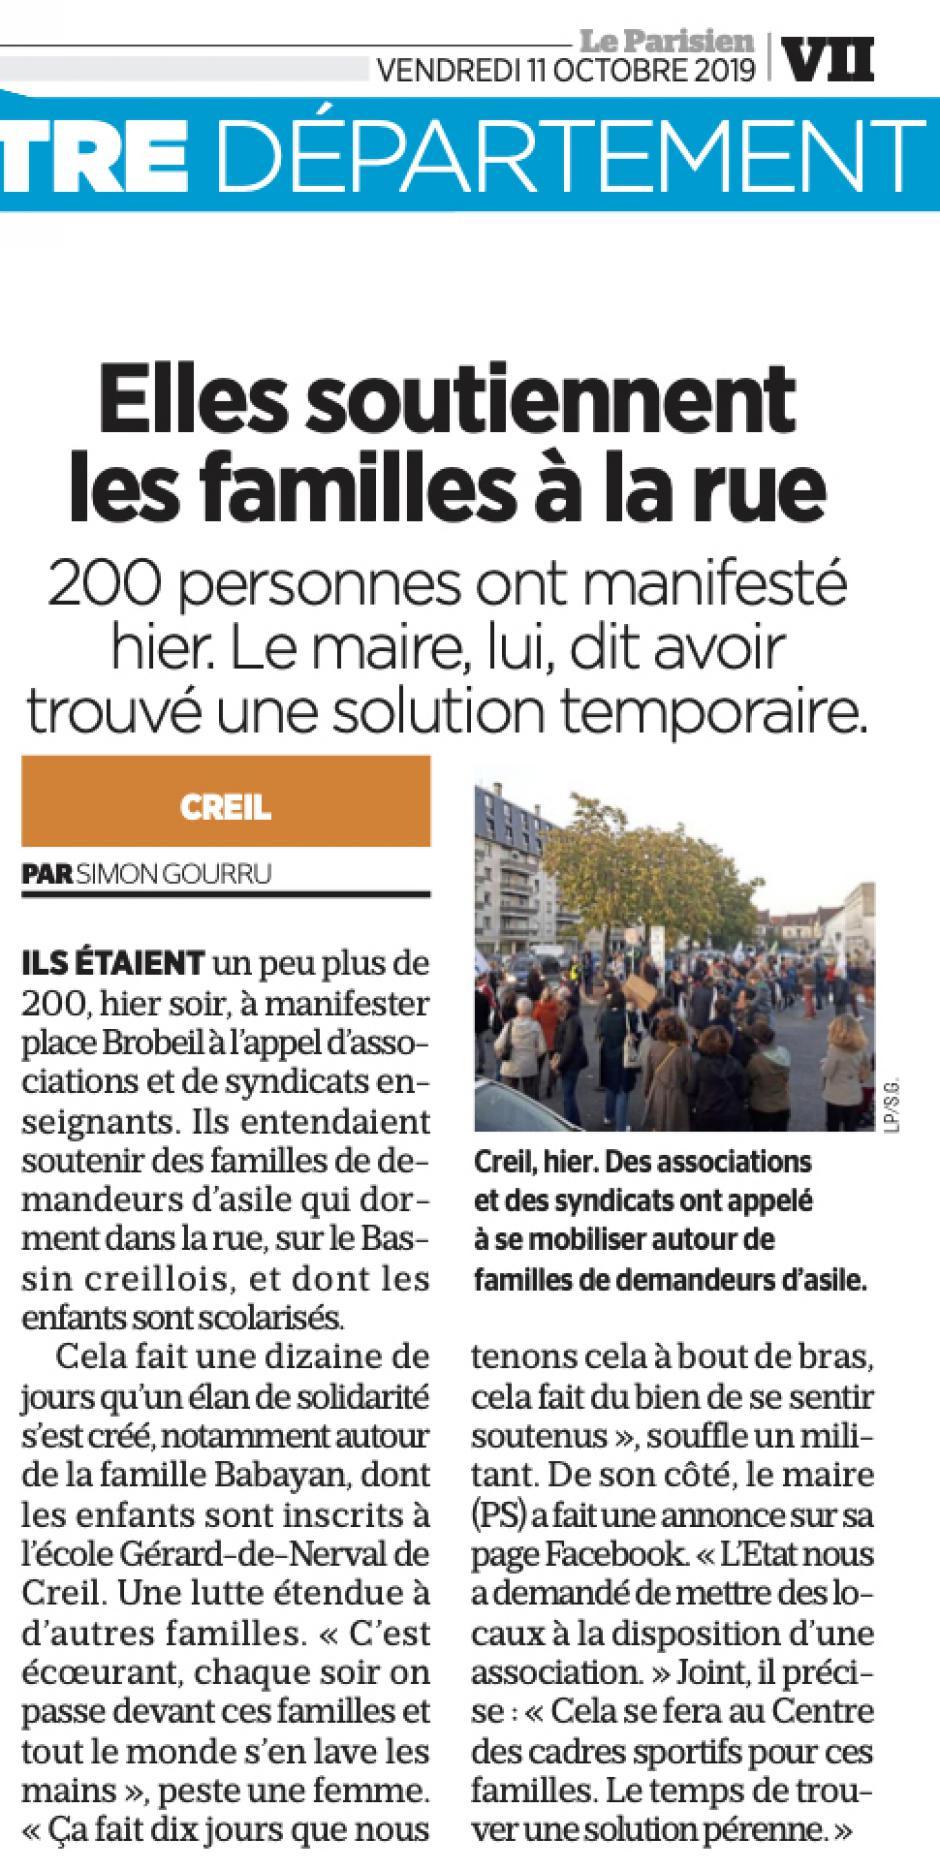 20191011-LeP-Creil-Elles soutiennent les familles à la rue